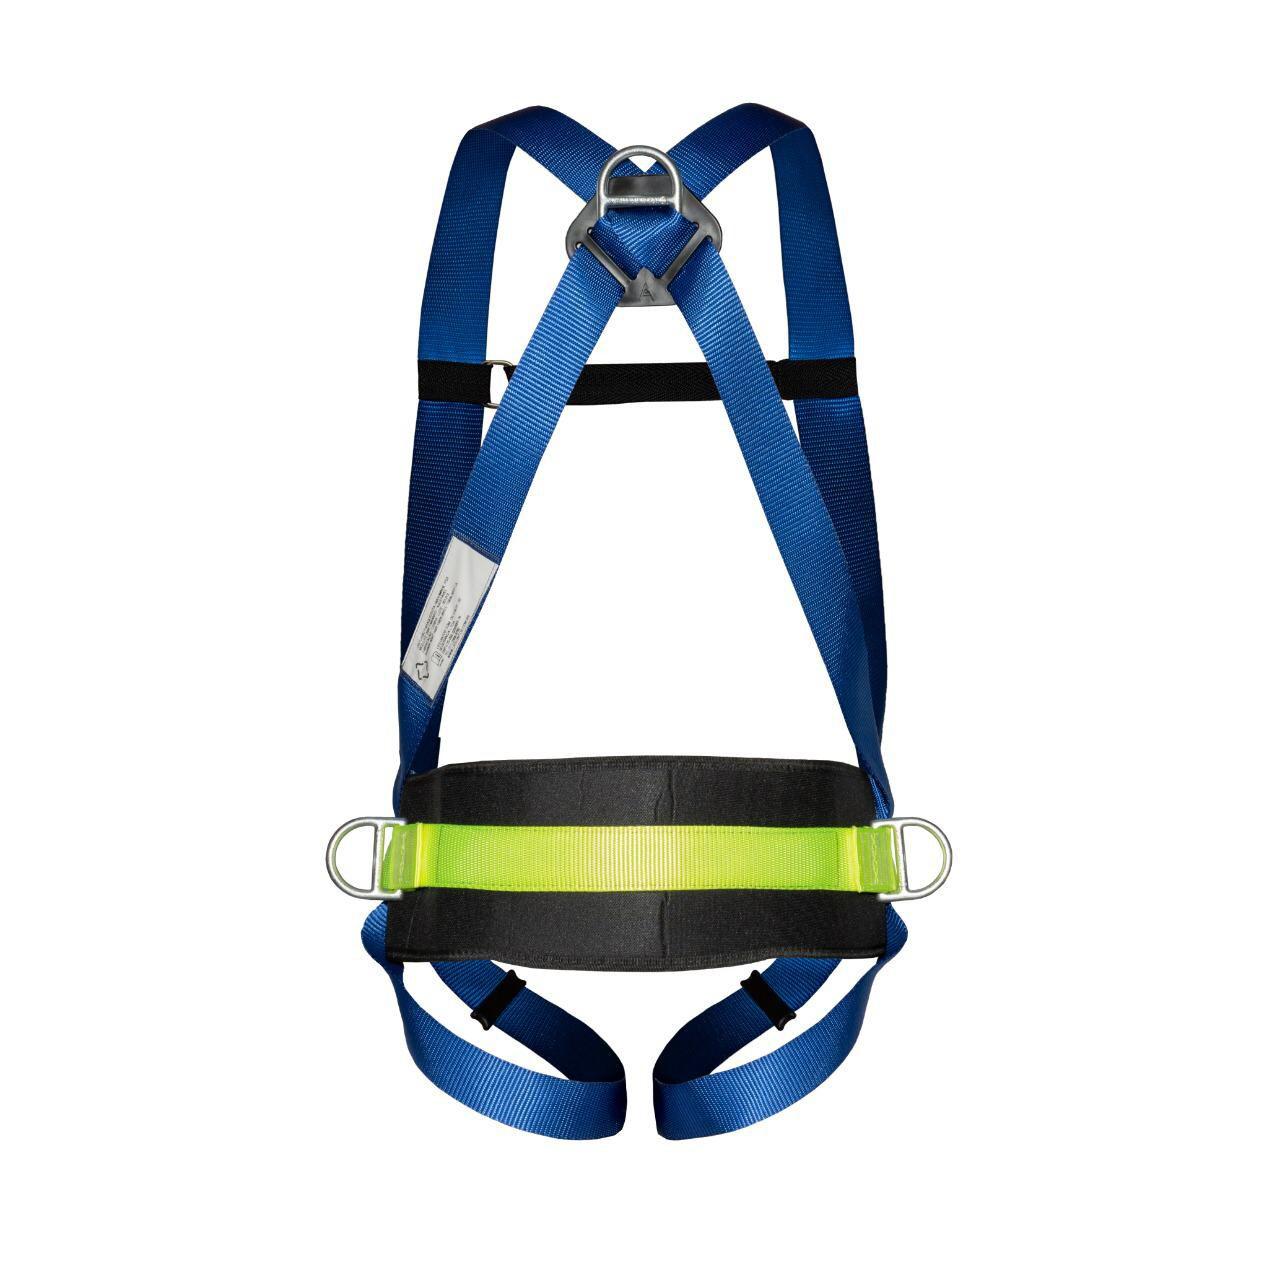 Cinturão Paraquedista 3 Ponto de Ancoragem Com Talabarte Y 55 Elastizado Com ABS